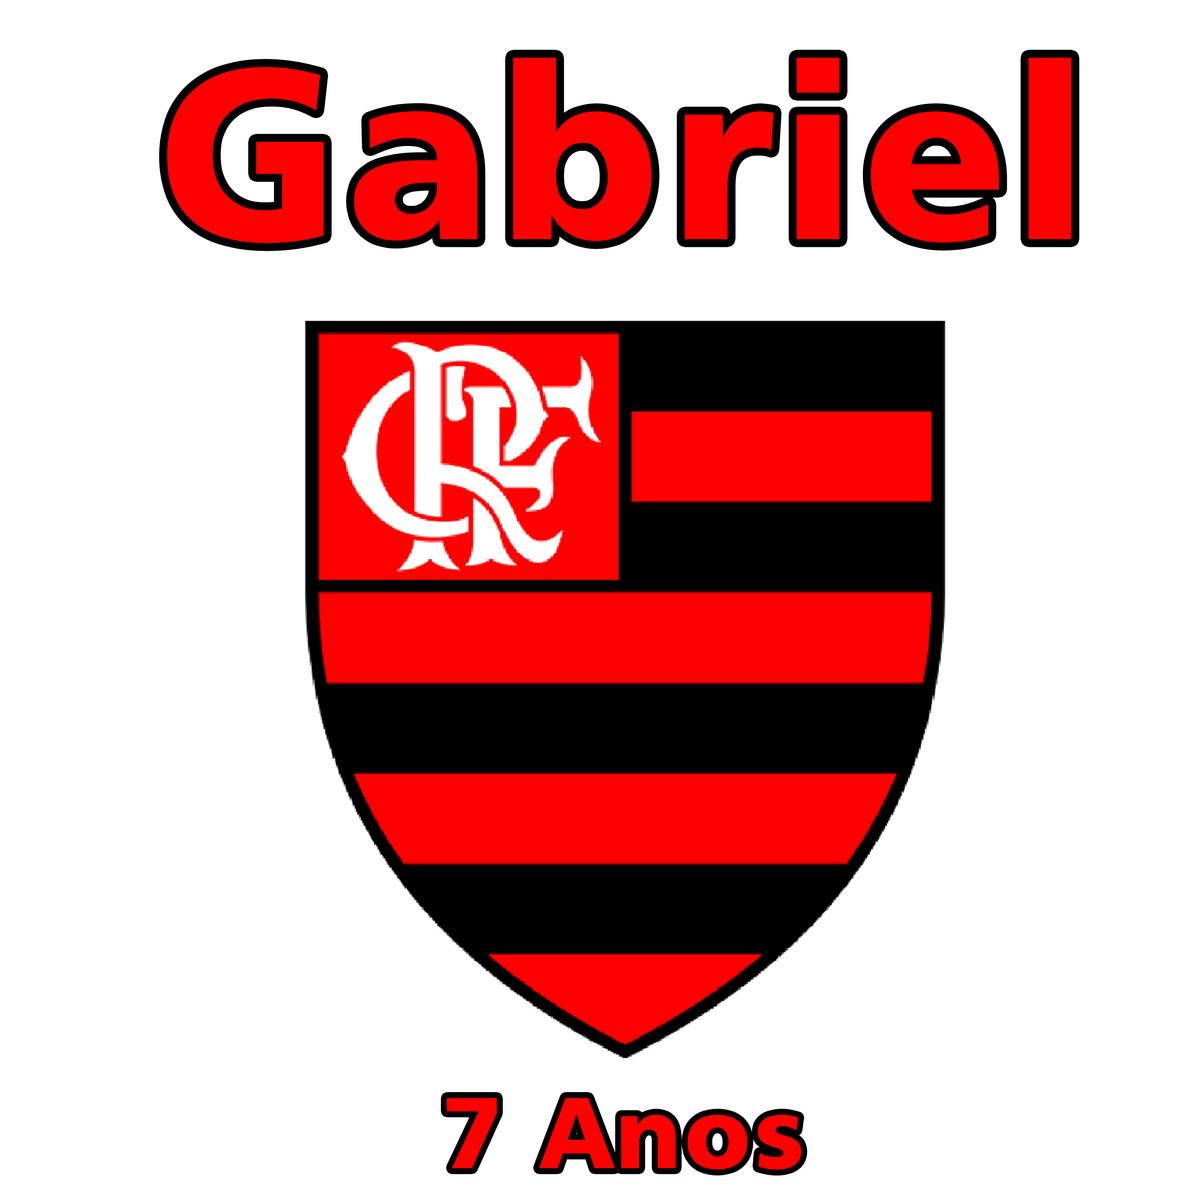 Placa Pvc Personalizada Painel Decorativo Tema Flamengo No Elo7